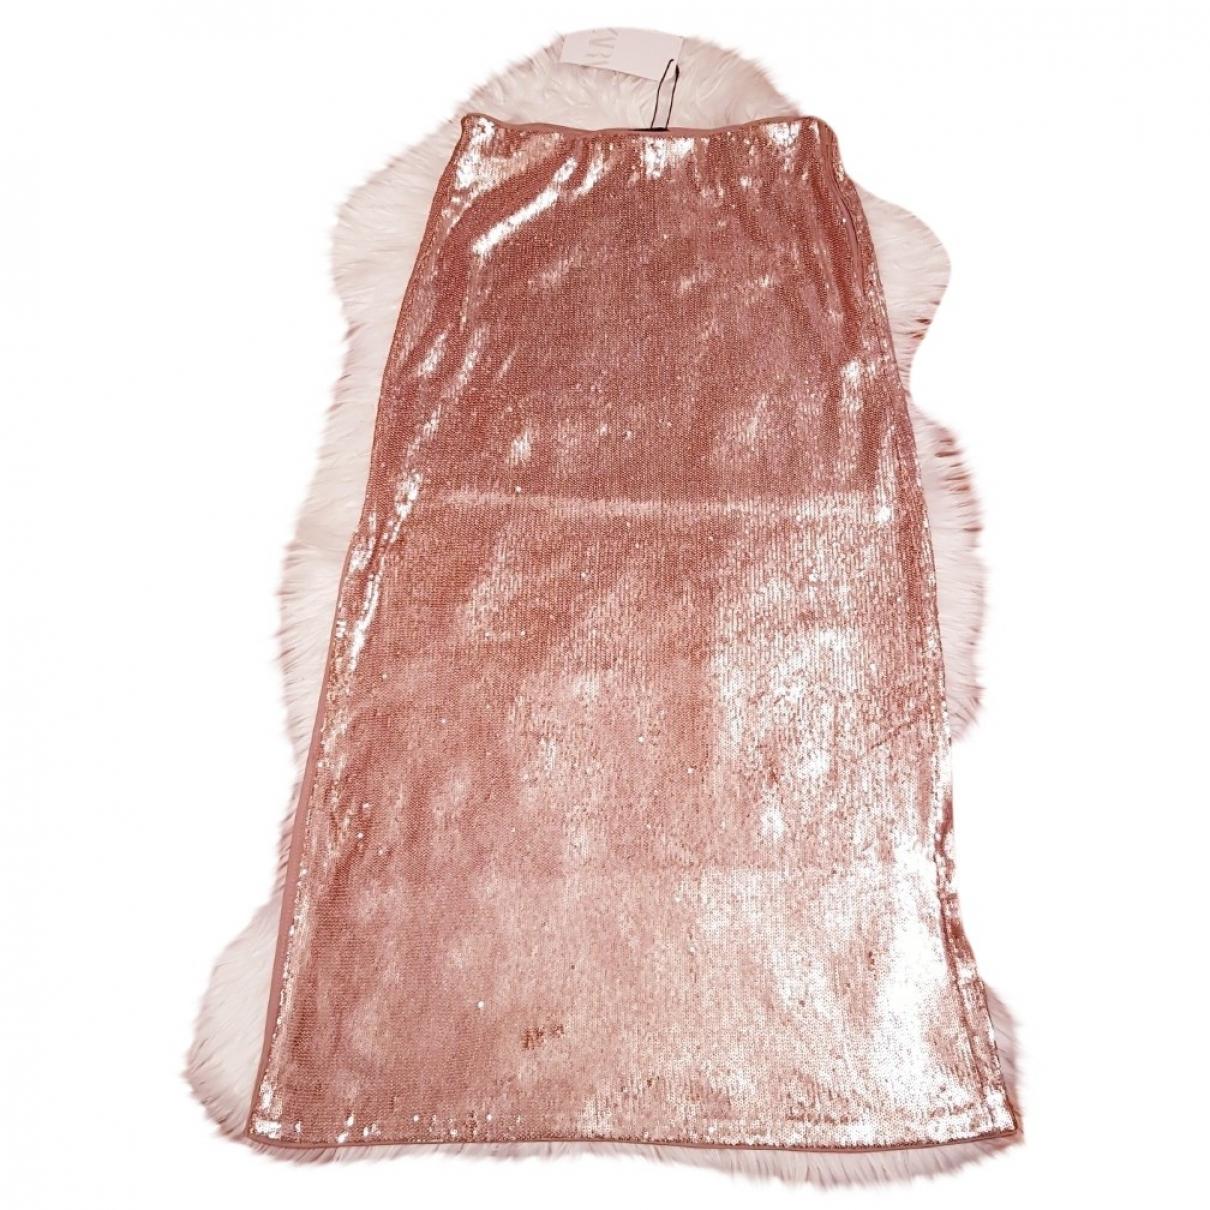 Zara \N Camel Glitter skirt for Women S International